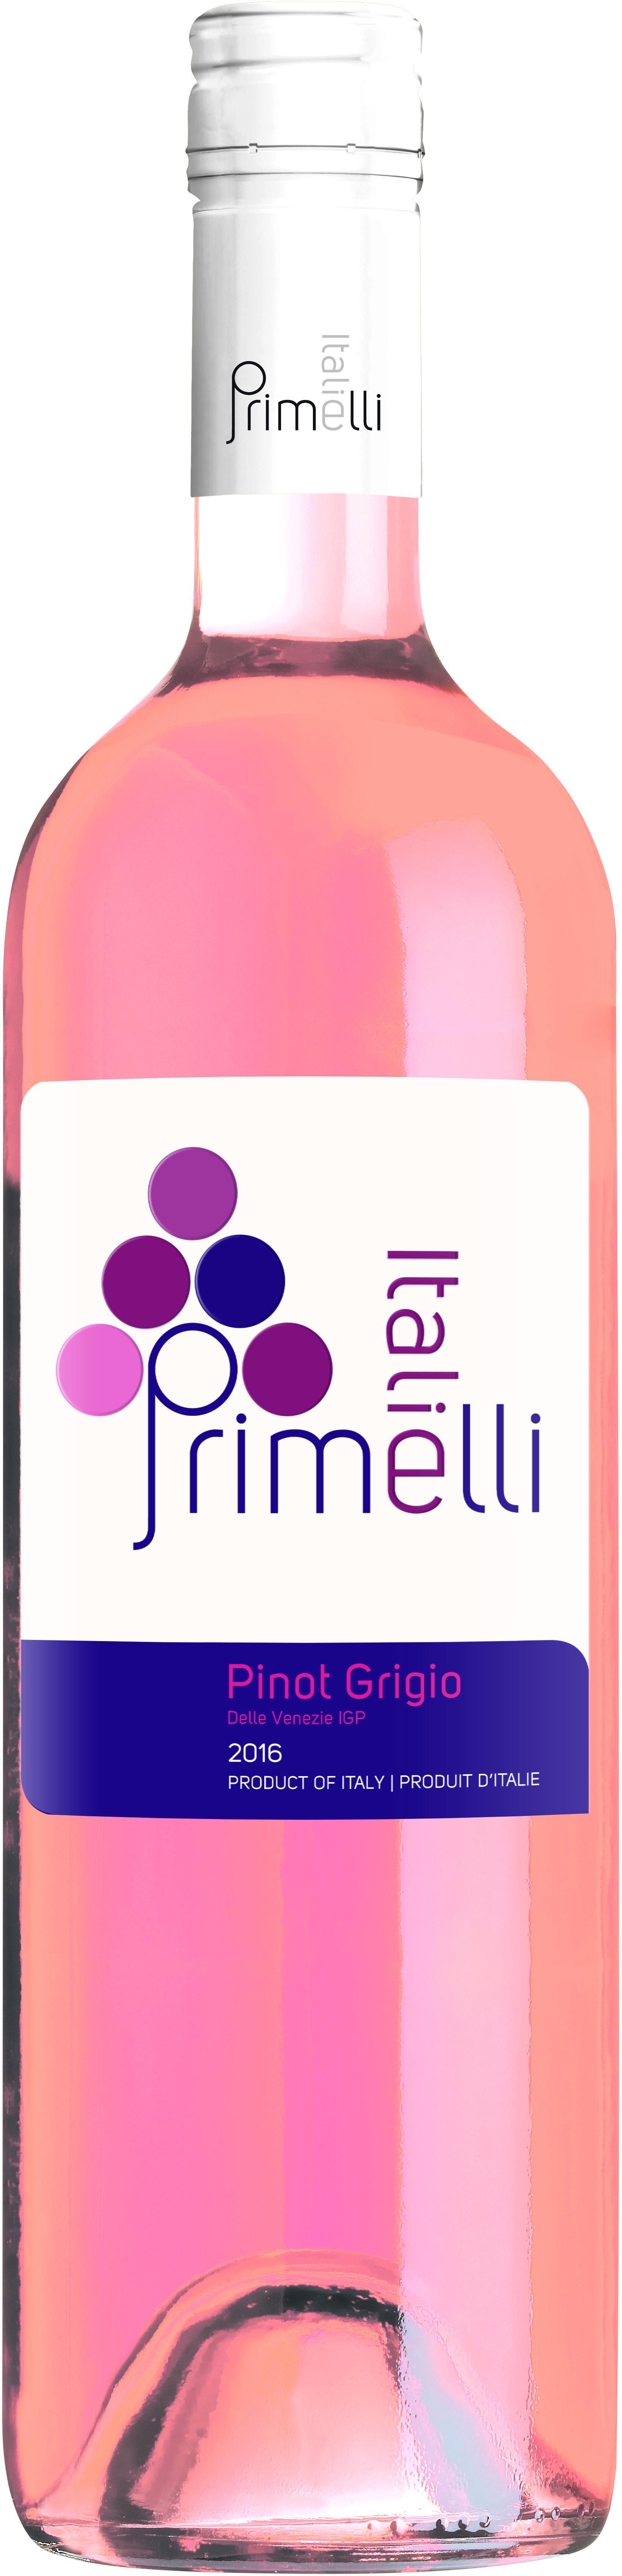 Primelli Pinot Grigio Rose_Delle Venezie IGP_750ml